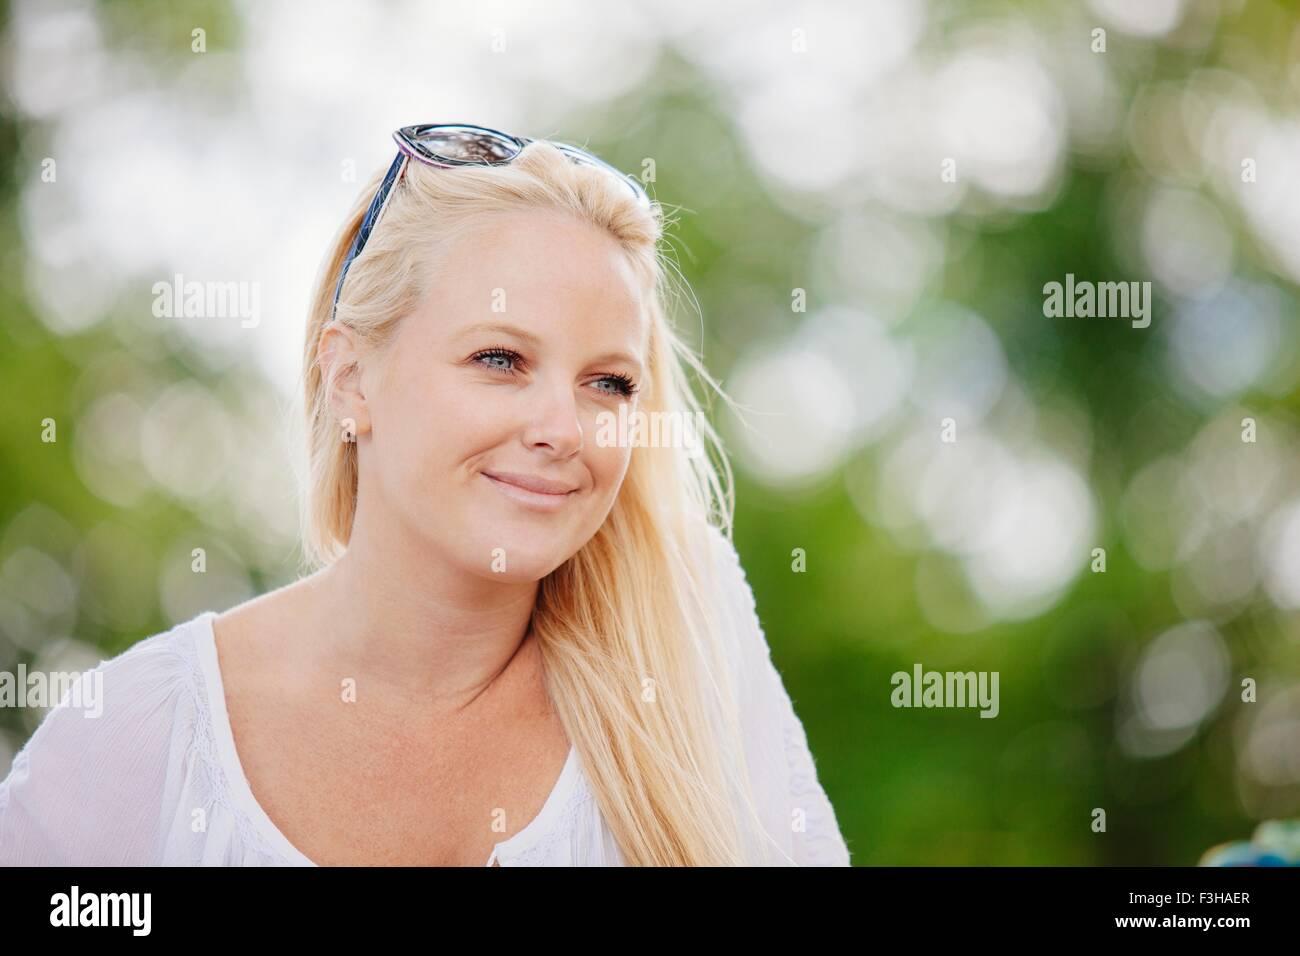 Porträt der langhaarige blonde junge Frau mit Sonnenbrille auf dem Kopf aussehende Weg lächelnd Stockbild